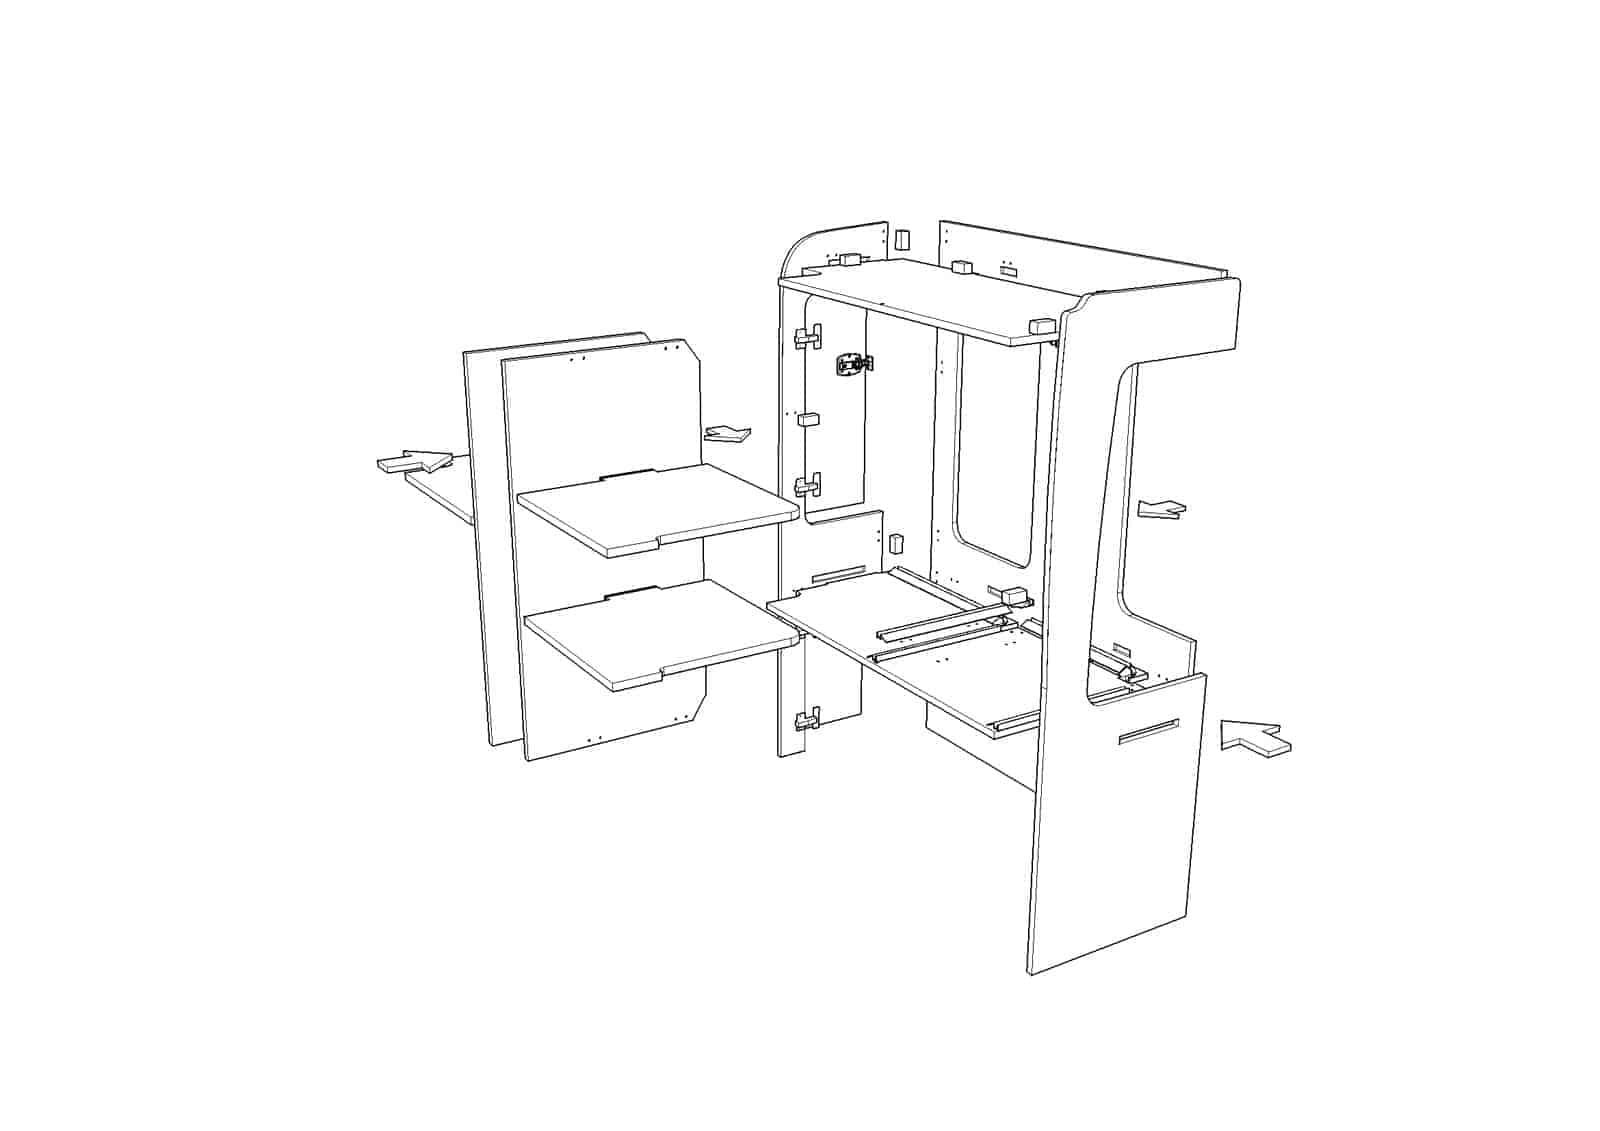 vauxhall zafira towbar wiring diagram circuit breaker shunt trip ecu imageresizertool com